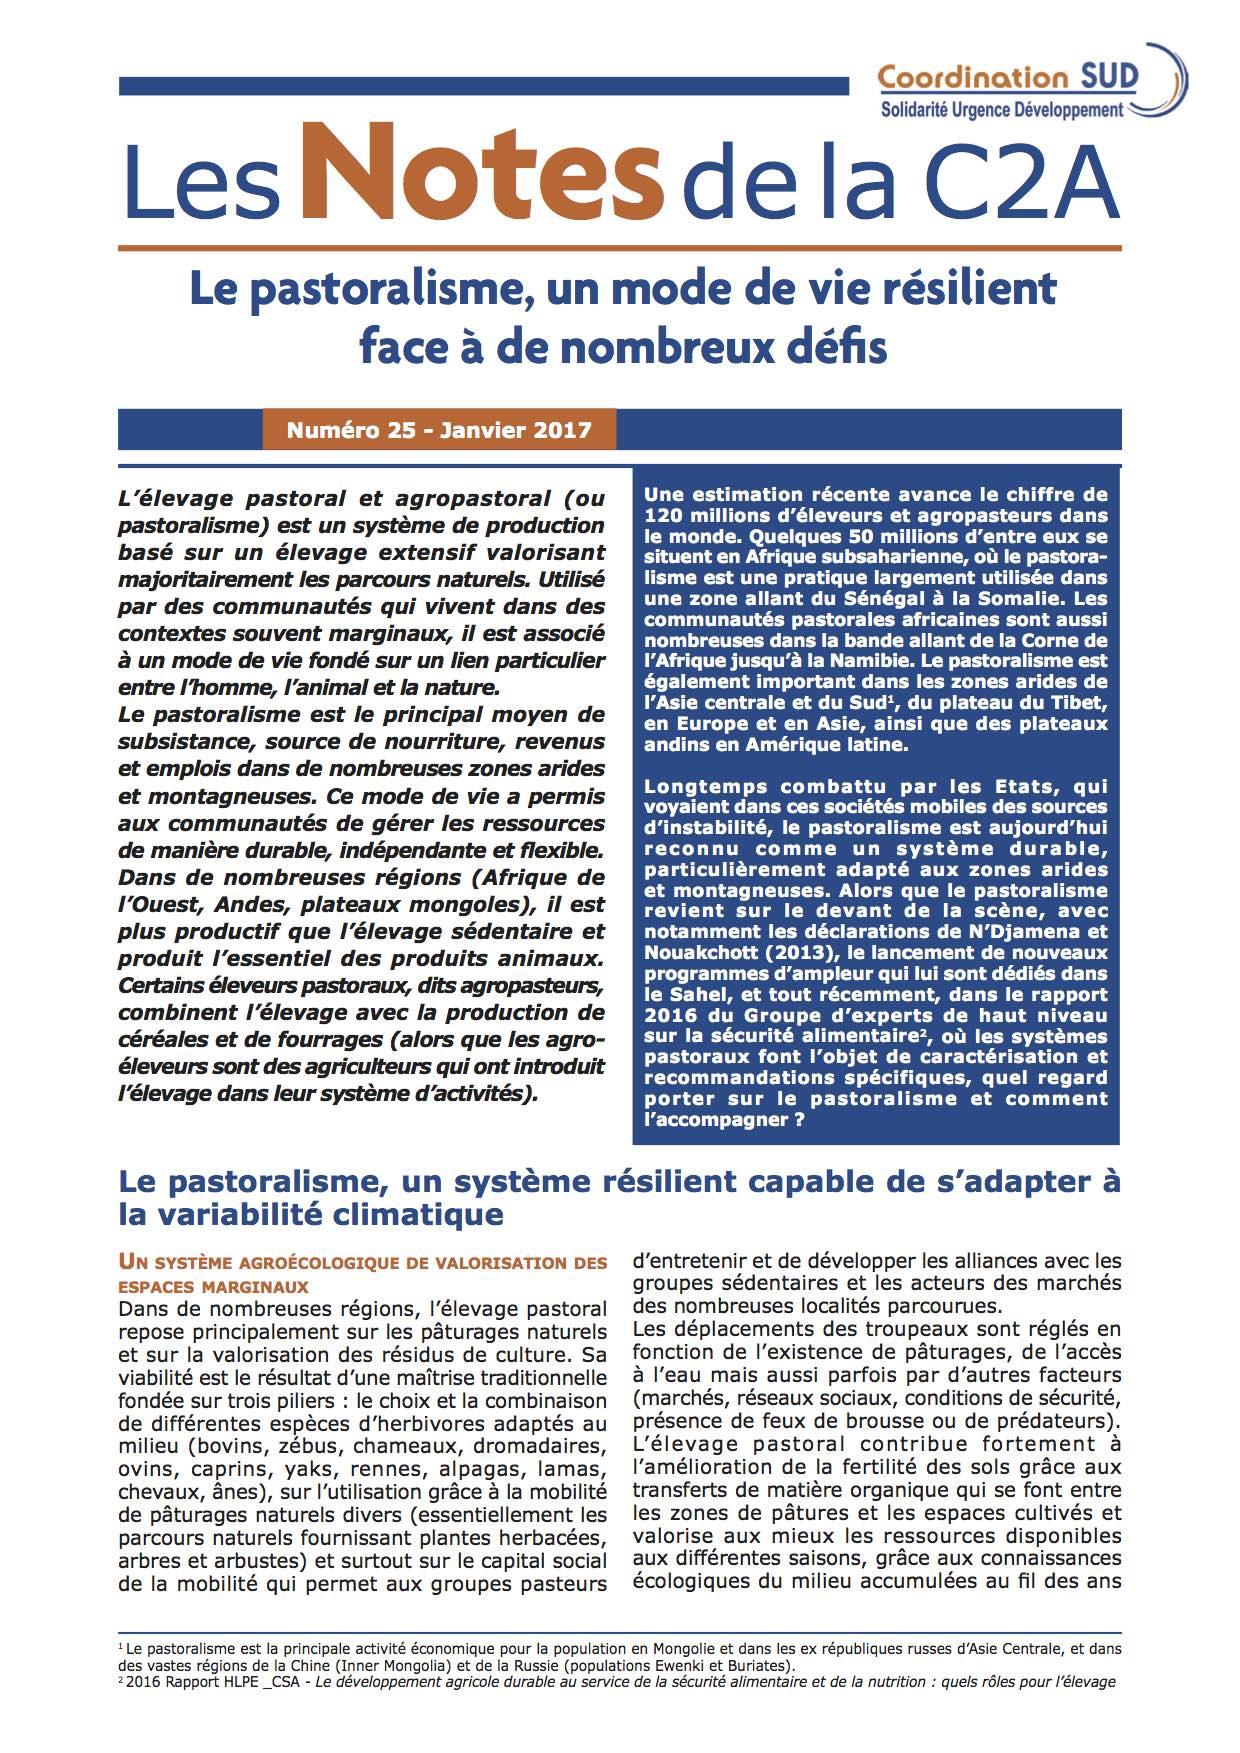 Le pastoralisme, un mode de vie résilient face à de nombreux défis Image principale